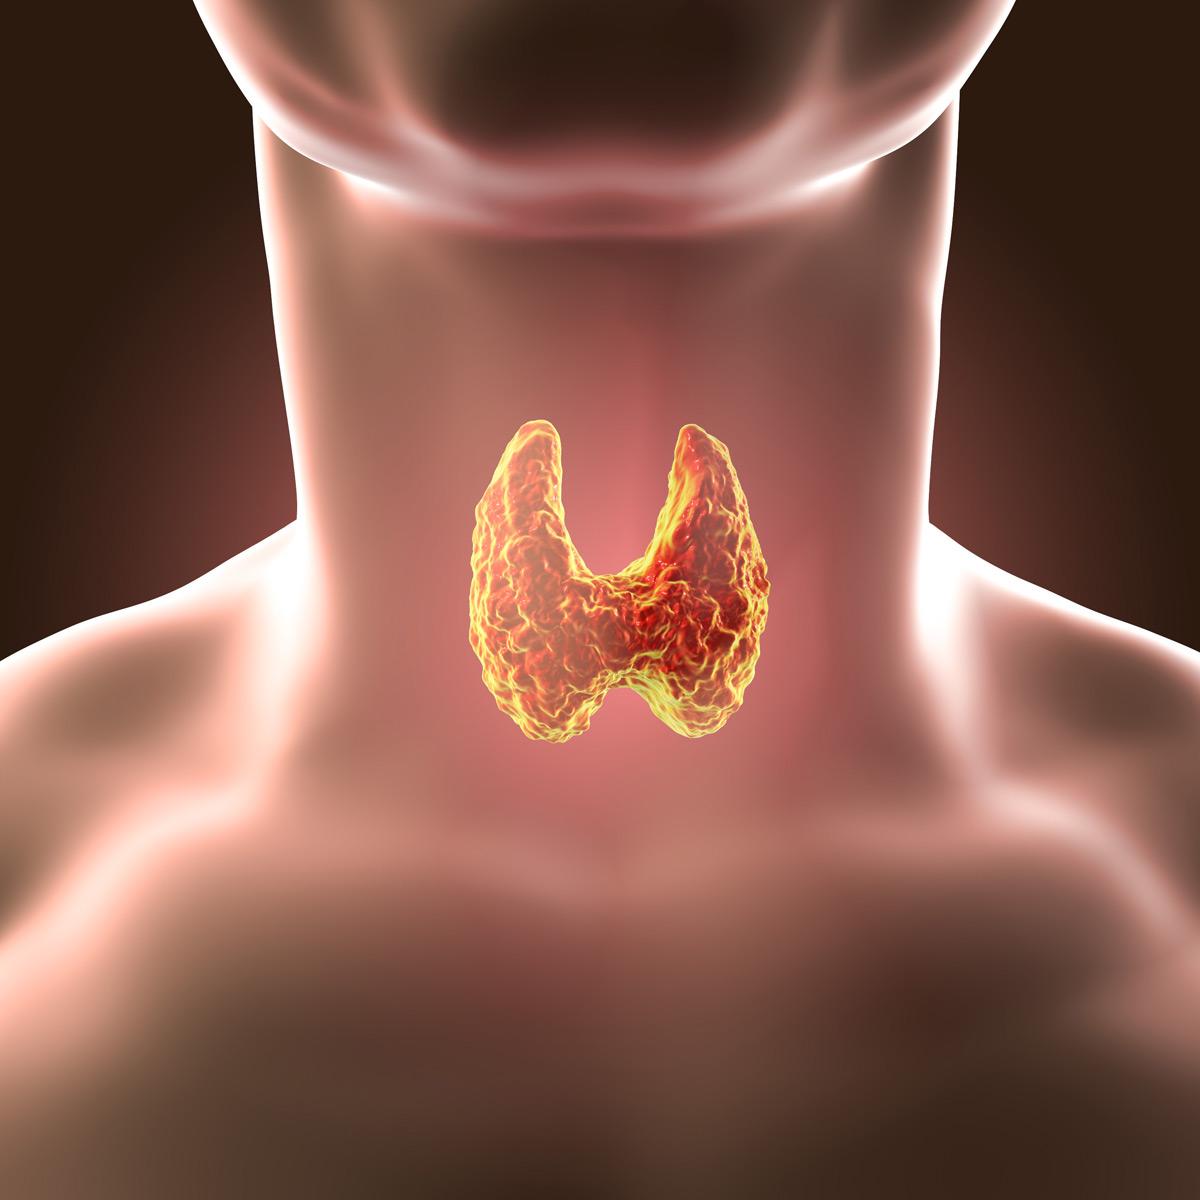 Щитовидная железа — всё, что нужно о ней знать